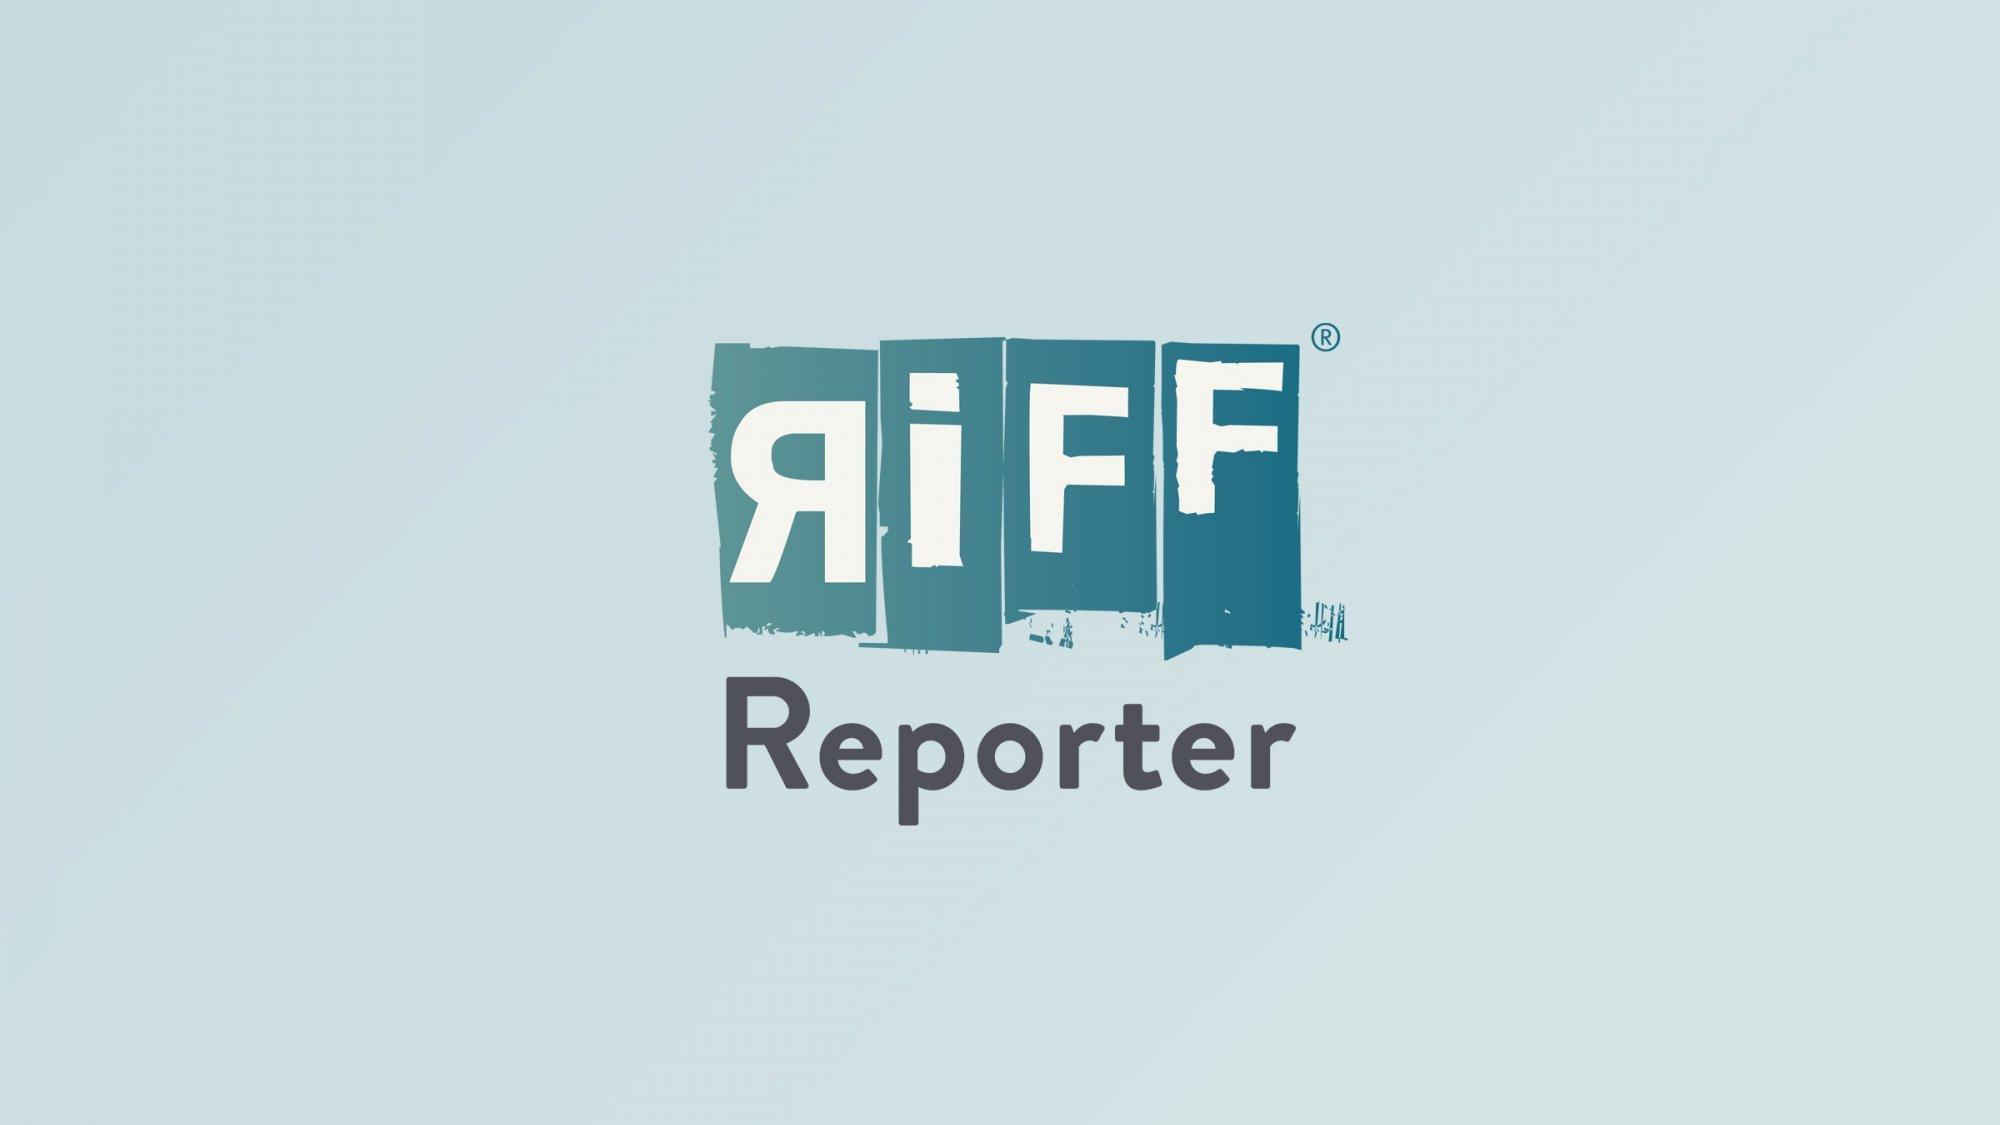 Die Pflege-Fachkraft May Parsons (rechts) impft die 90-jährige Margaret Keenan (links) als erste Person in Großbritannien gegen Covid-19mit dem Impfstoff von Pfizer/BioNtech Covid.